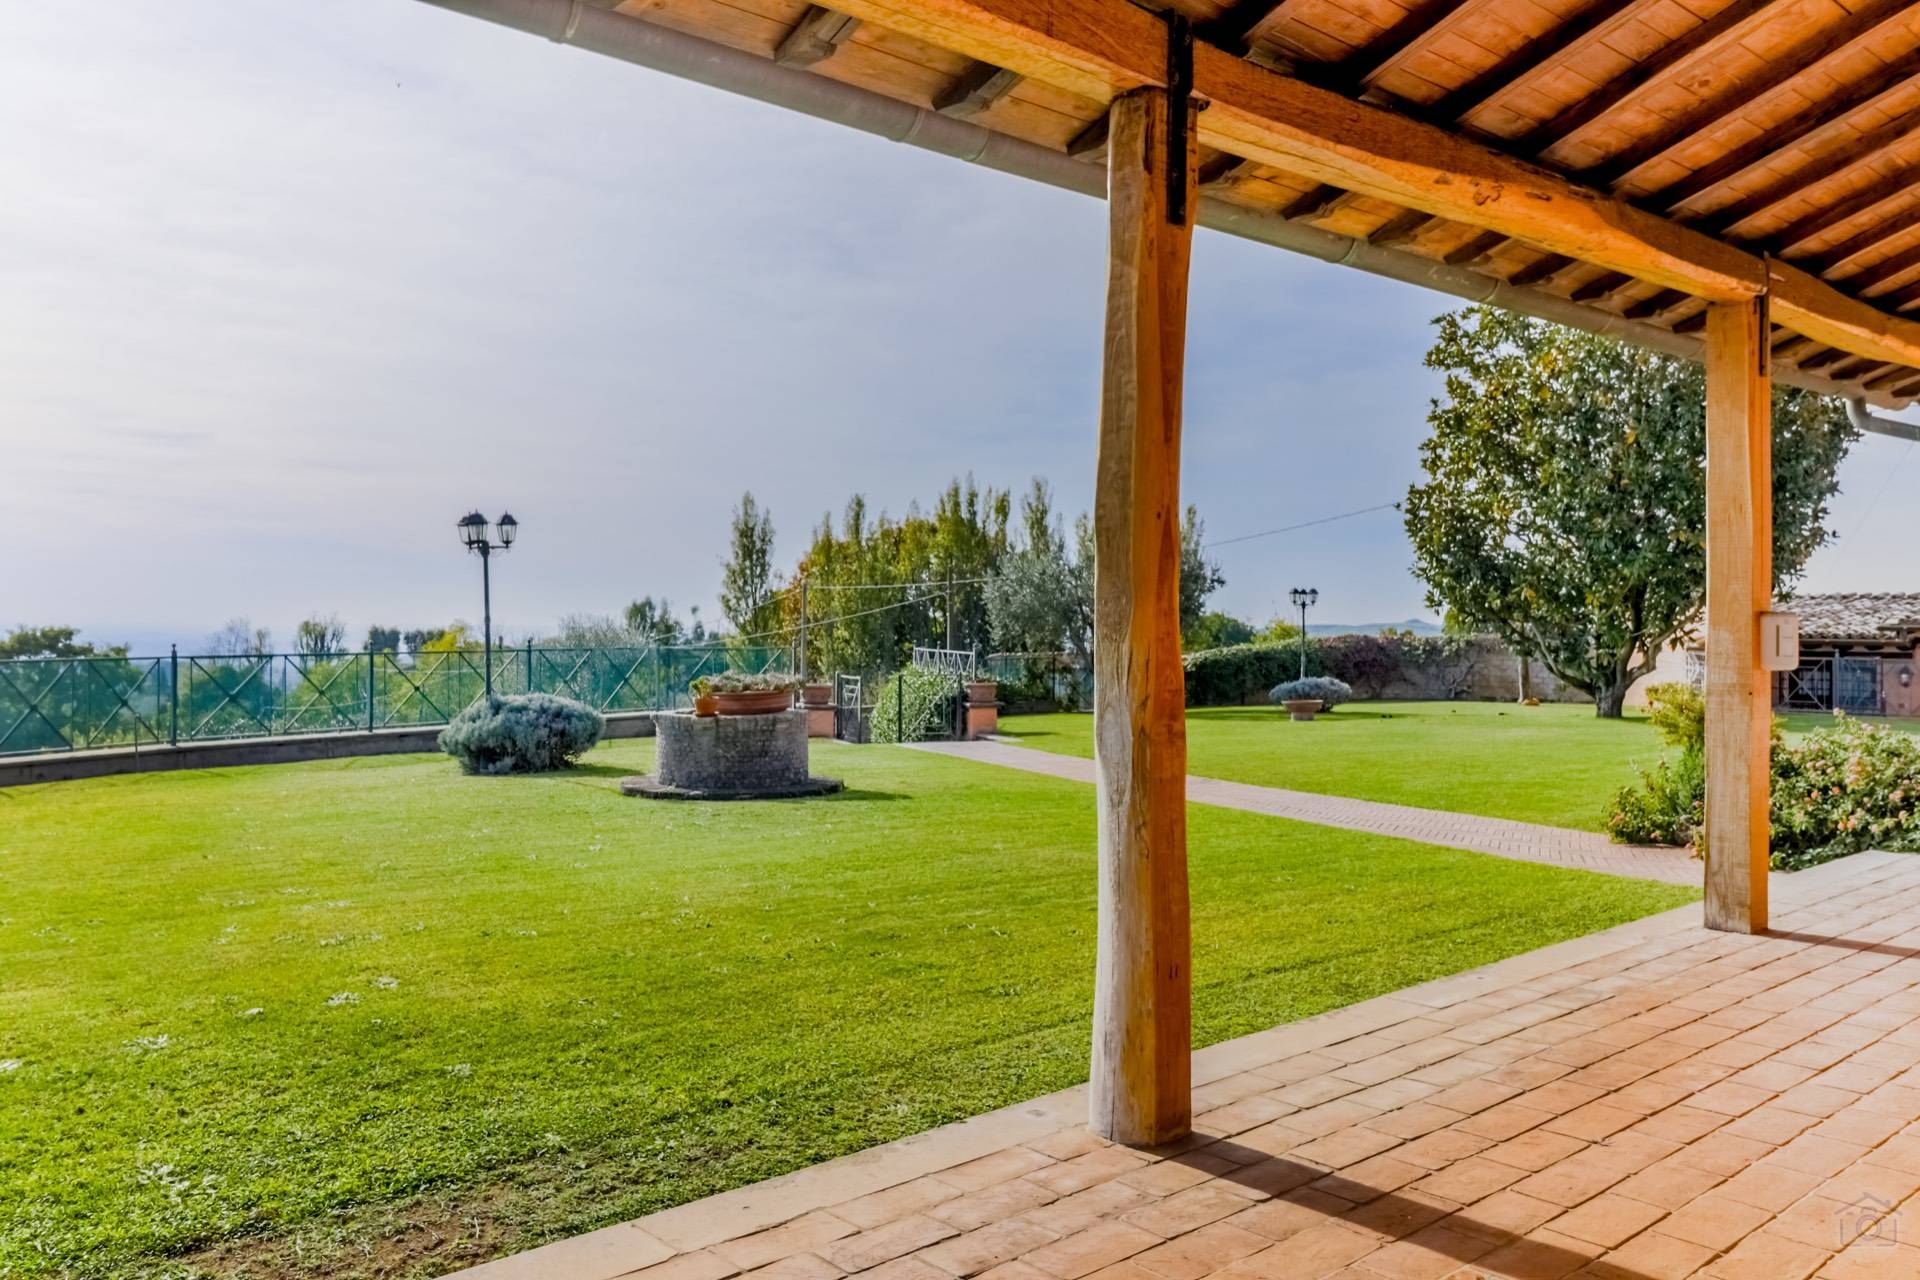 Villa in Vendita a Sacrofano: 5 locali, 180 mq - Foto 18